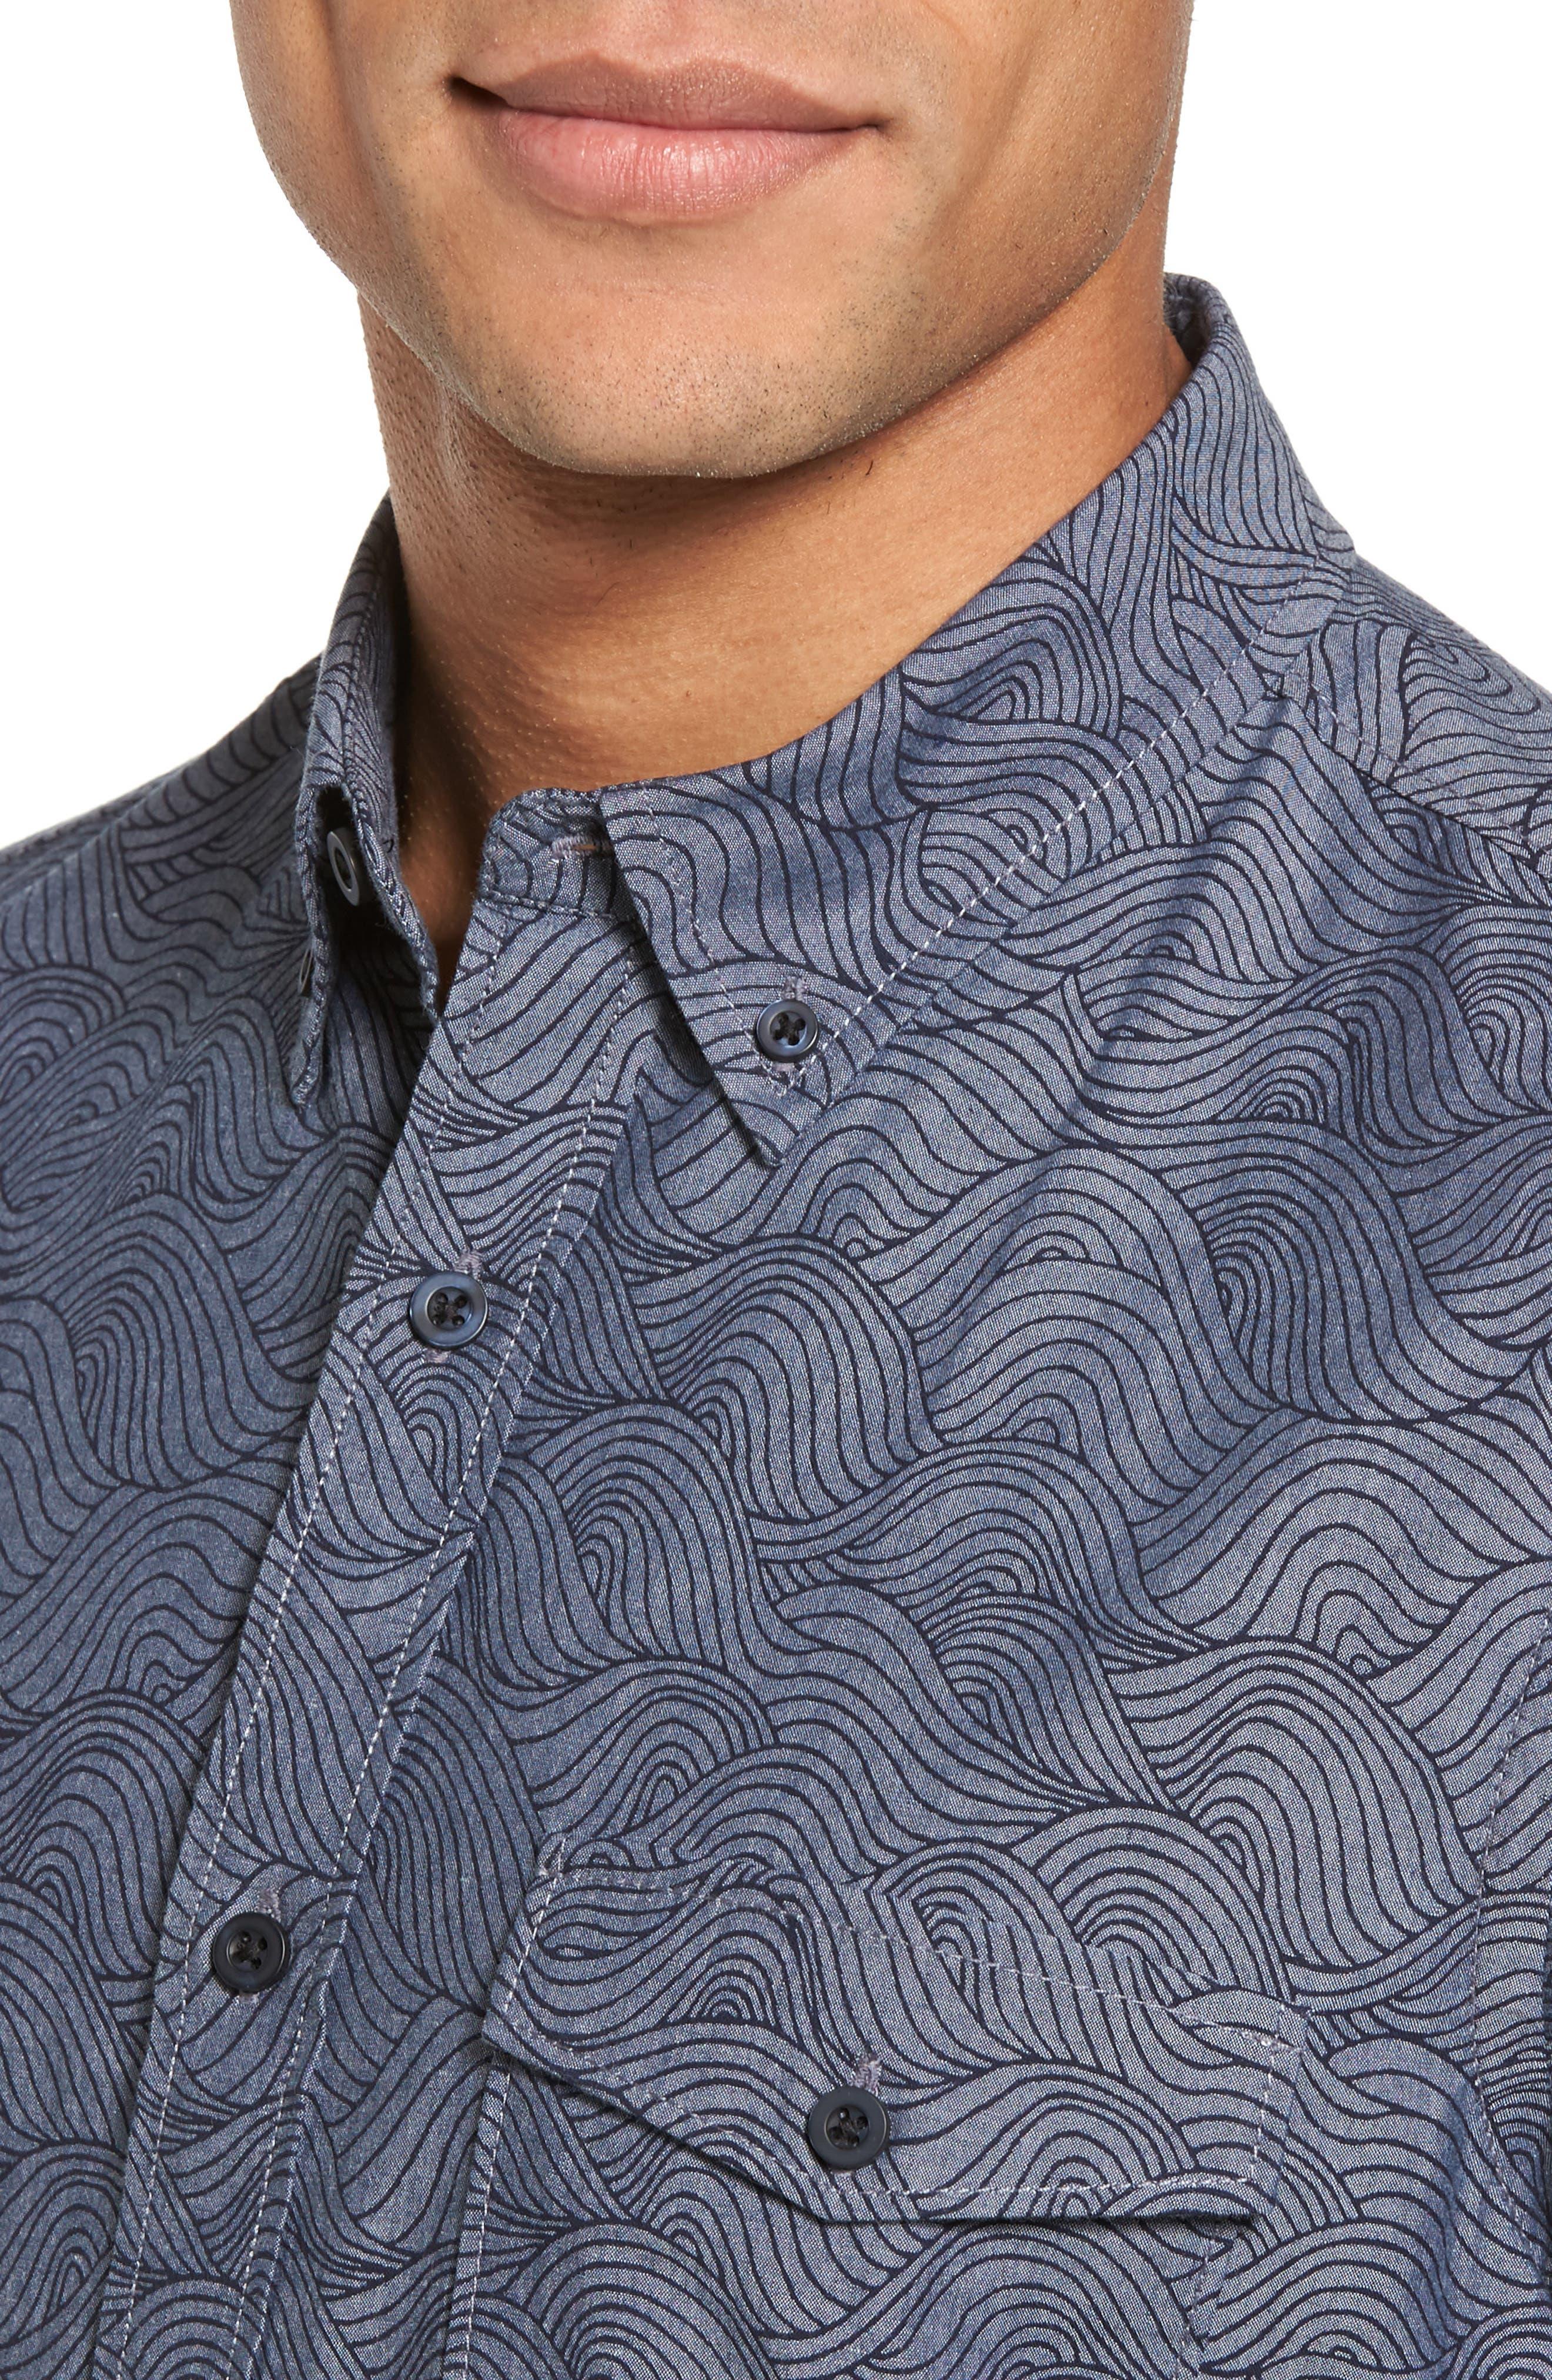 Trim Fit Ivy Print Sport Shirt,                             Alternate thumbnail 4, color,